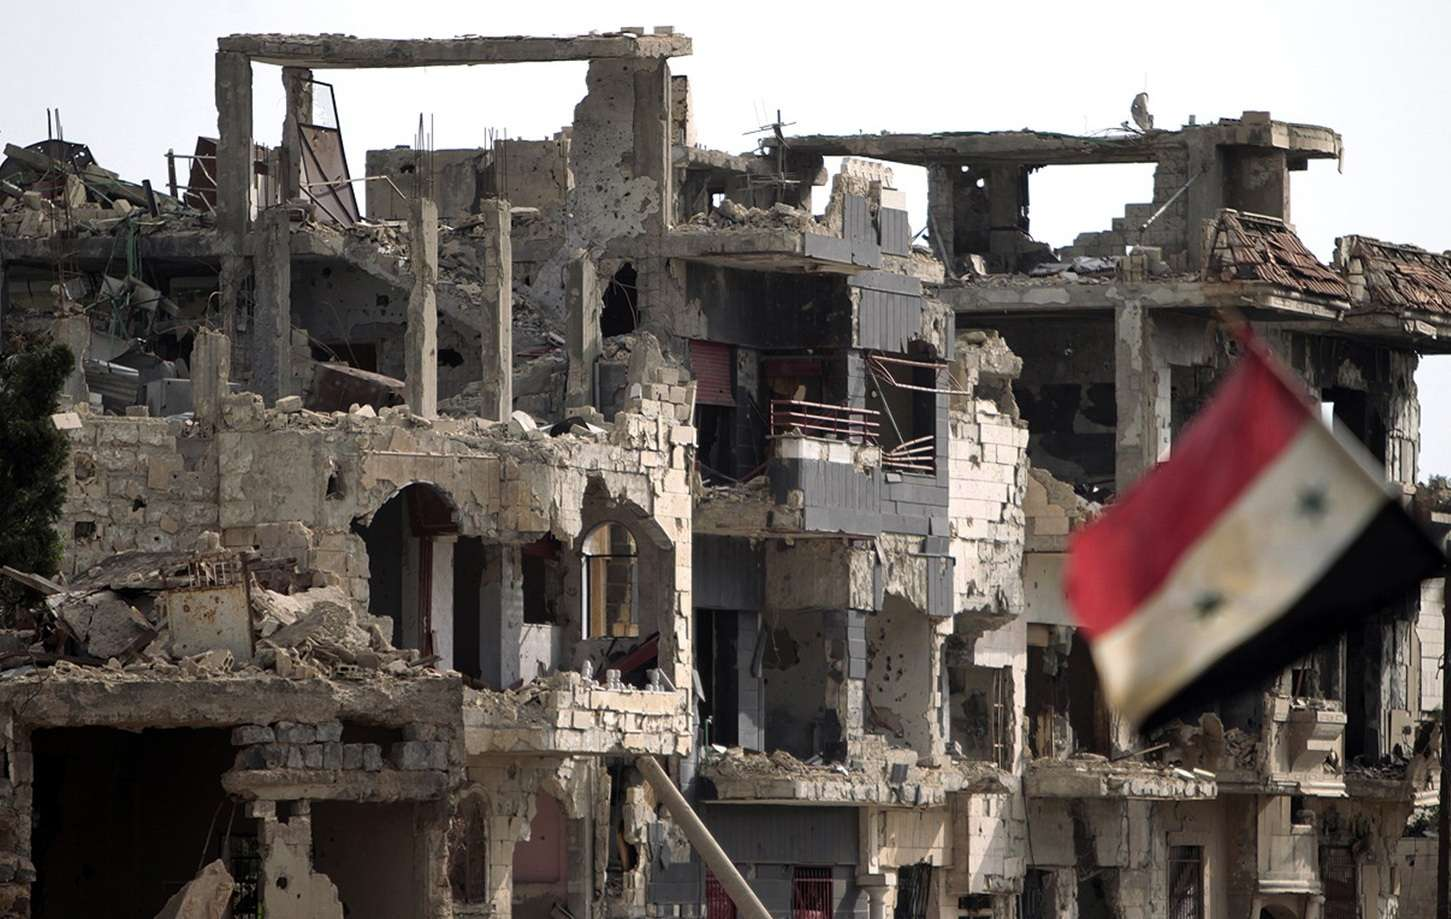 ردود أفعال حول الانتخابات الرئاسية في سوريا, صحيفة عربية في بوسطن-أمريكا-بروفايل نيوز